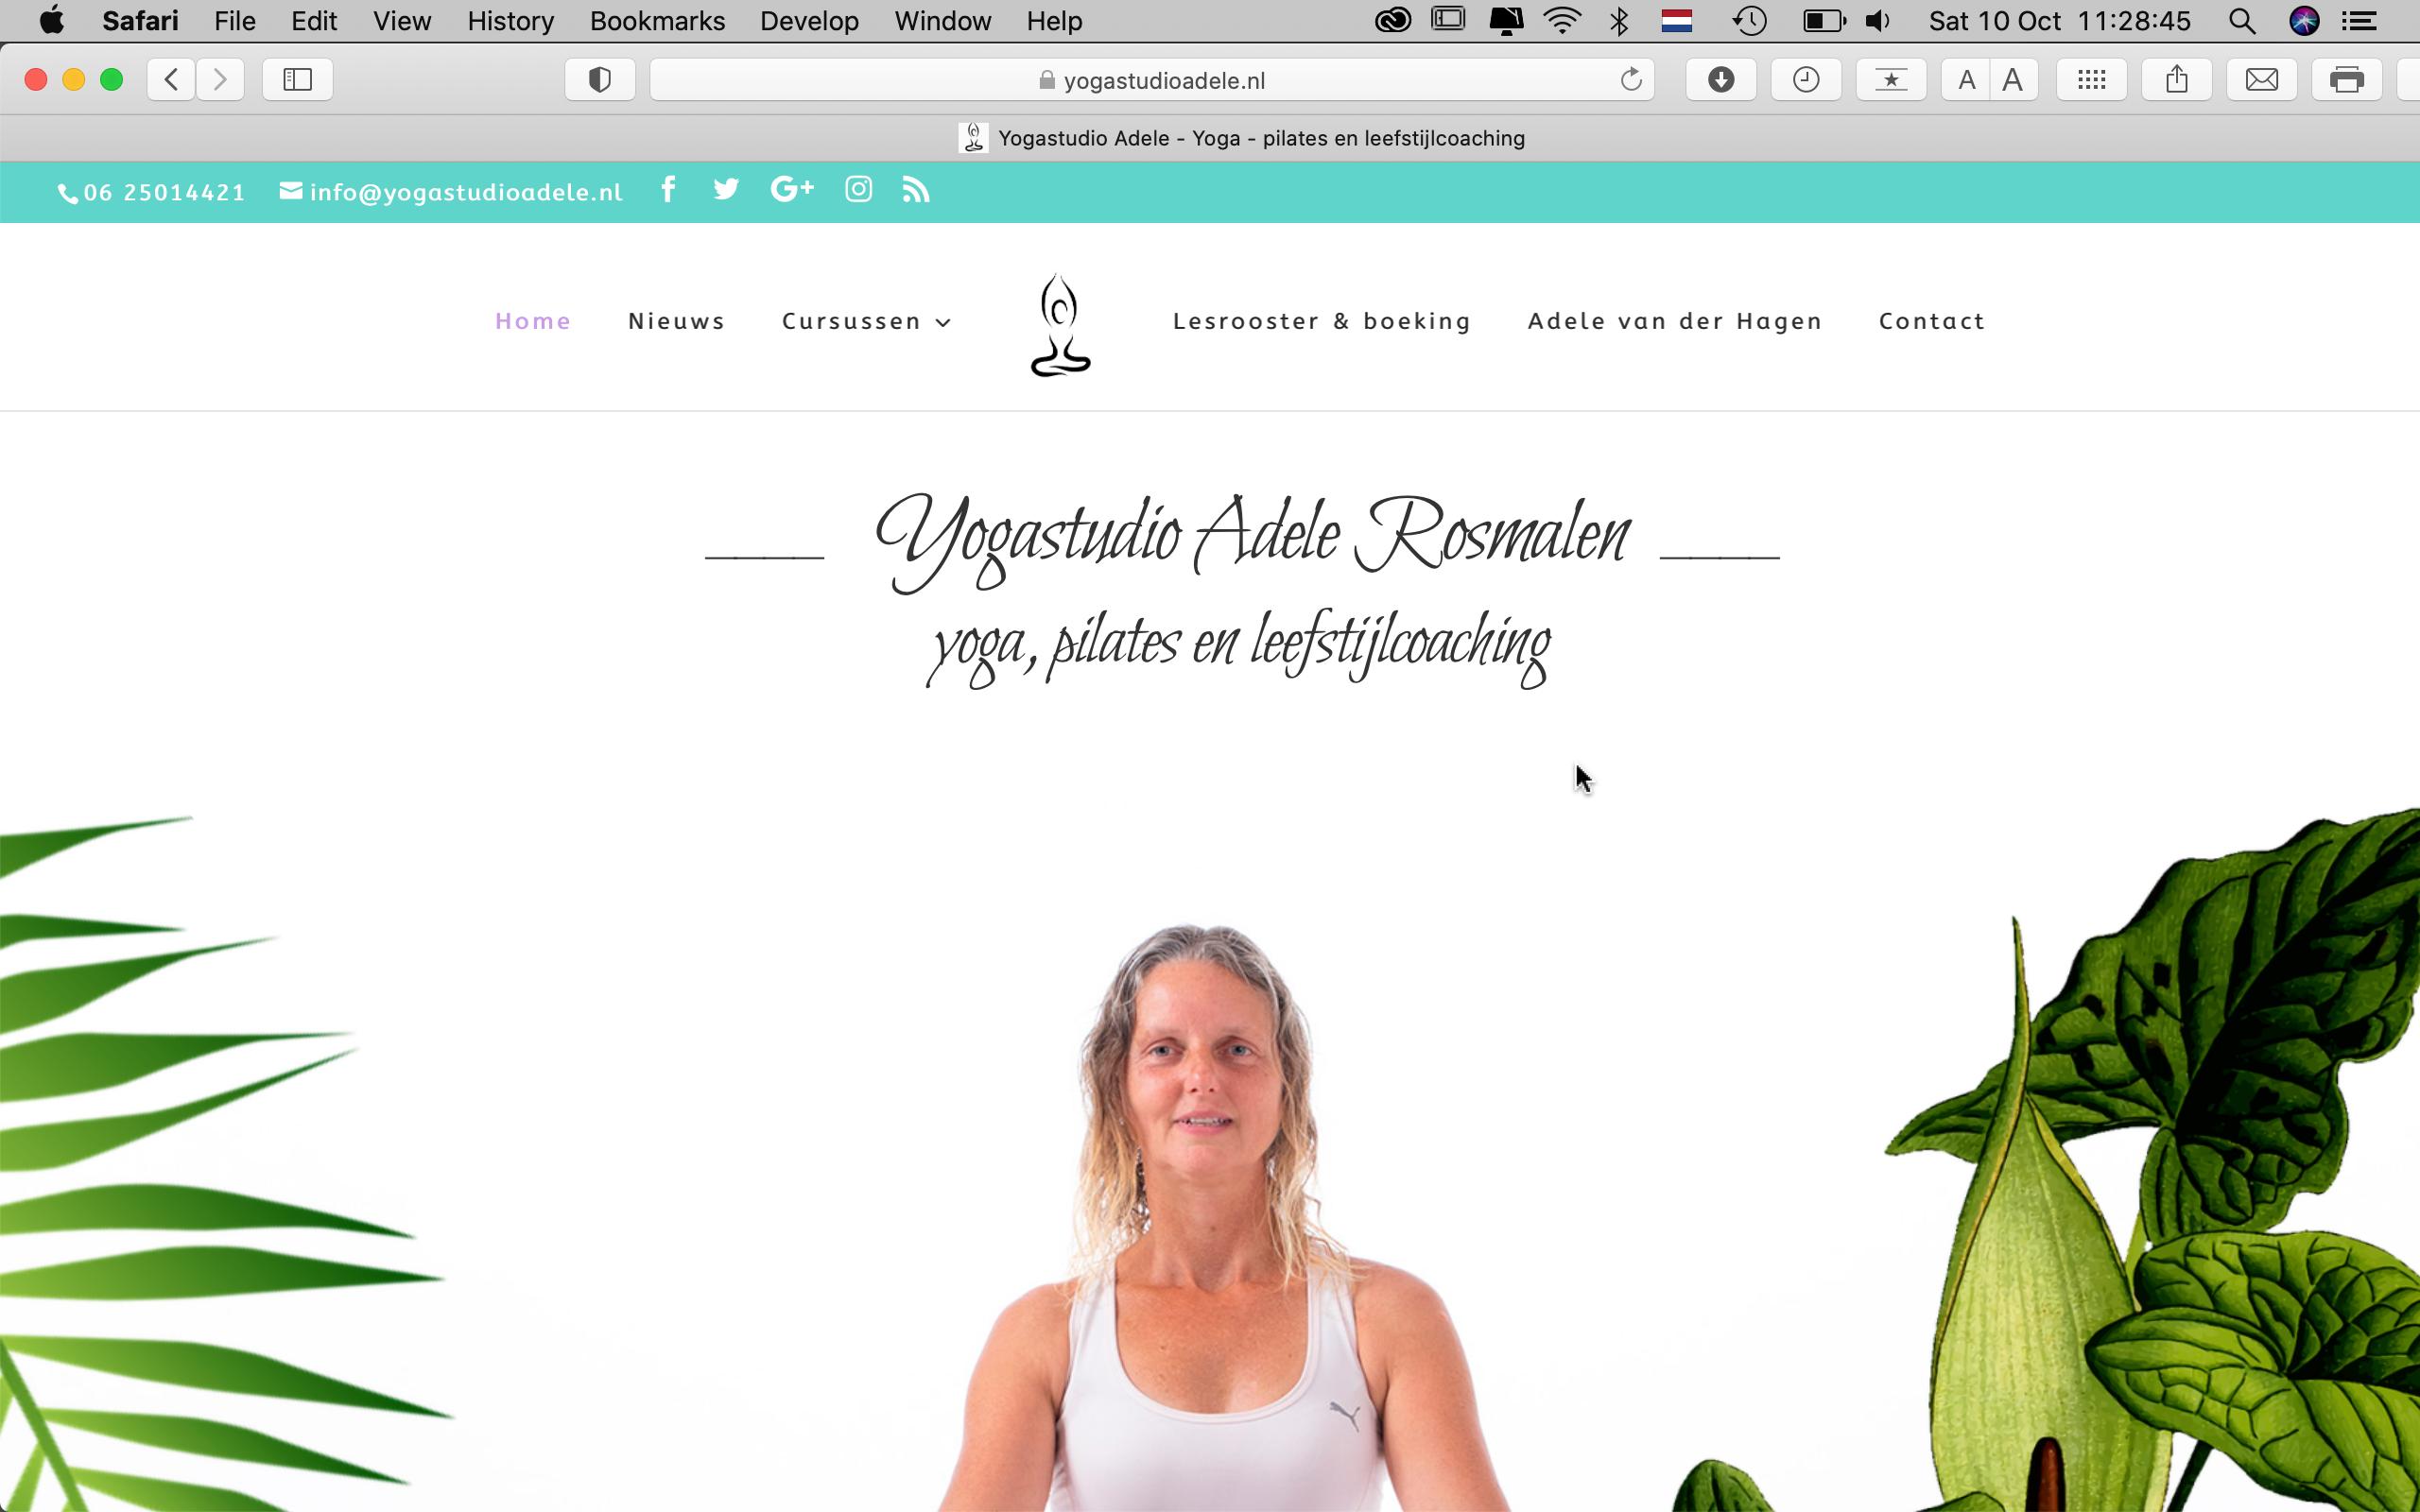 Yogastudio Adele